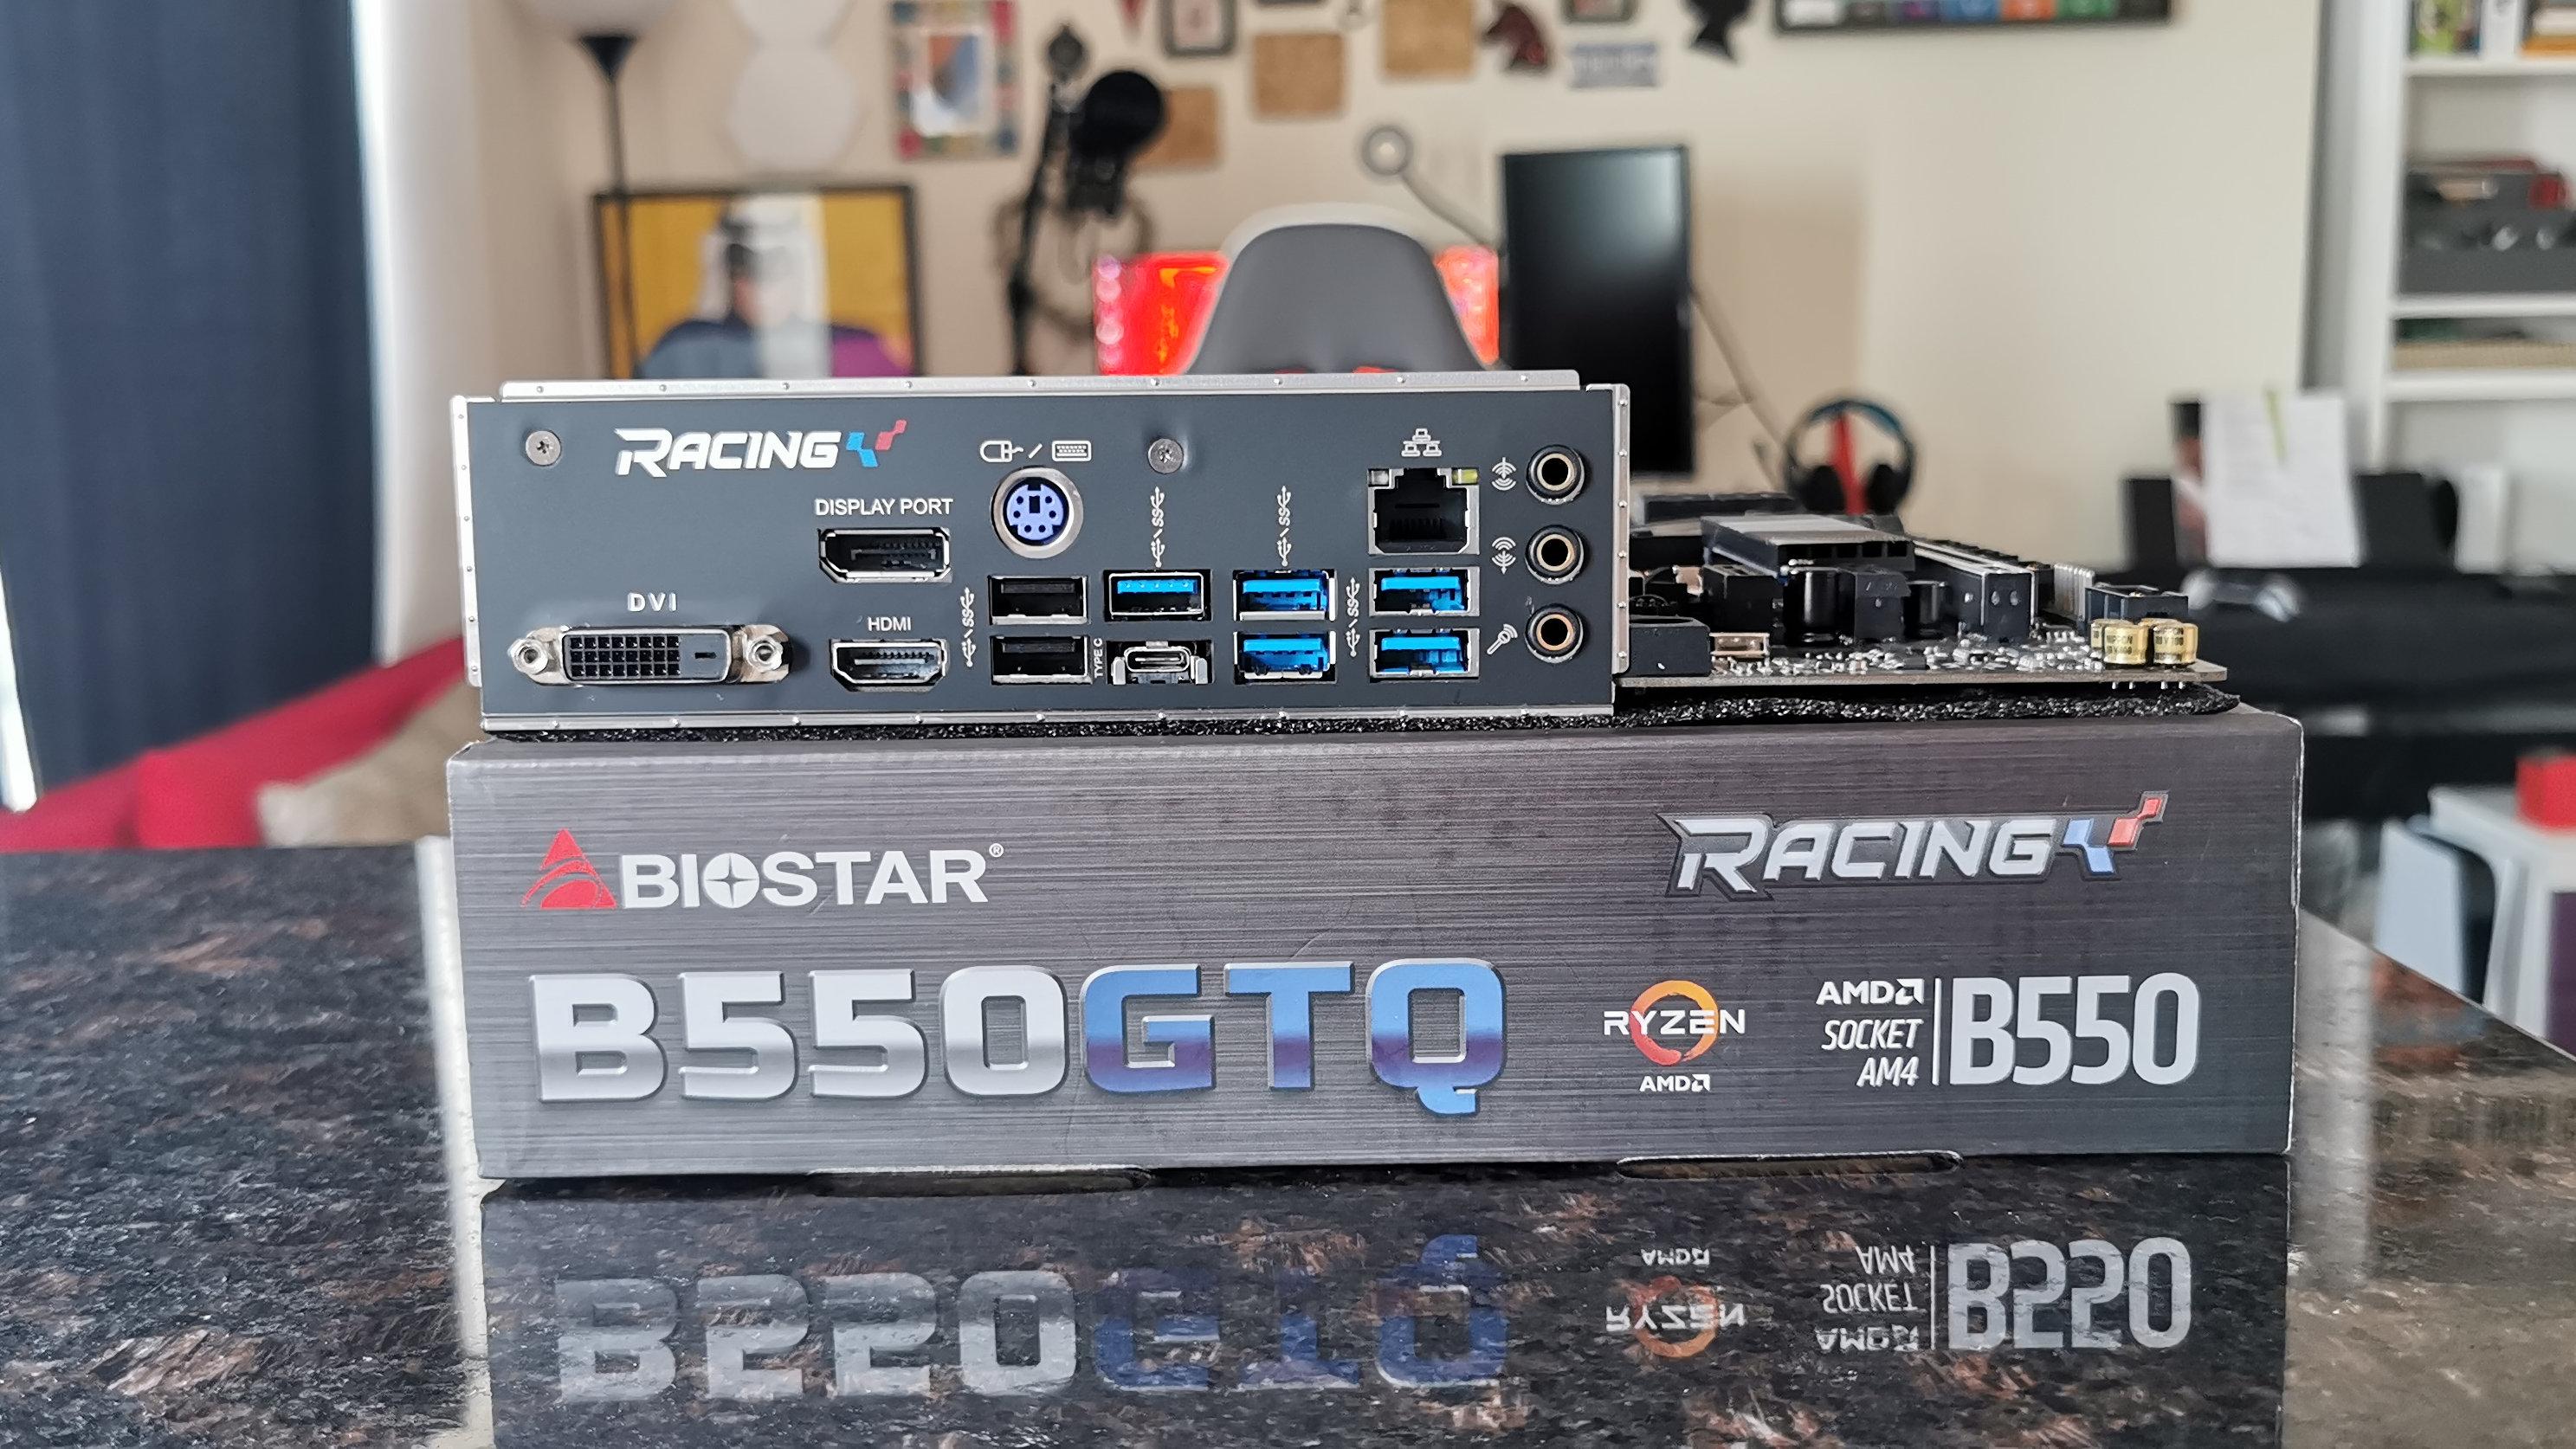 Biostar B550GTQ